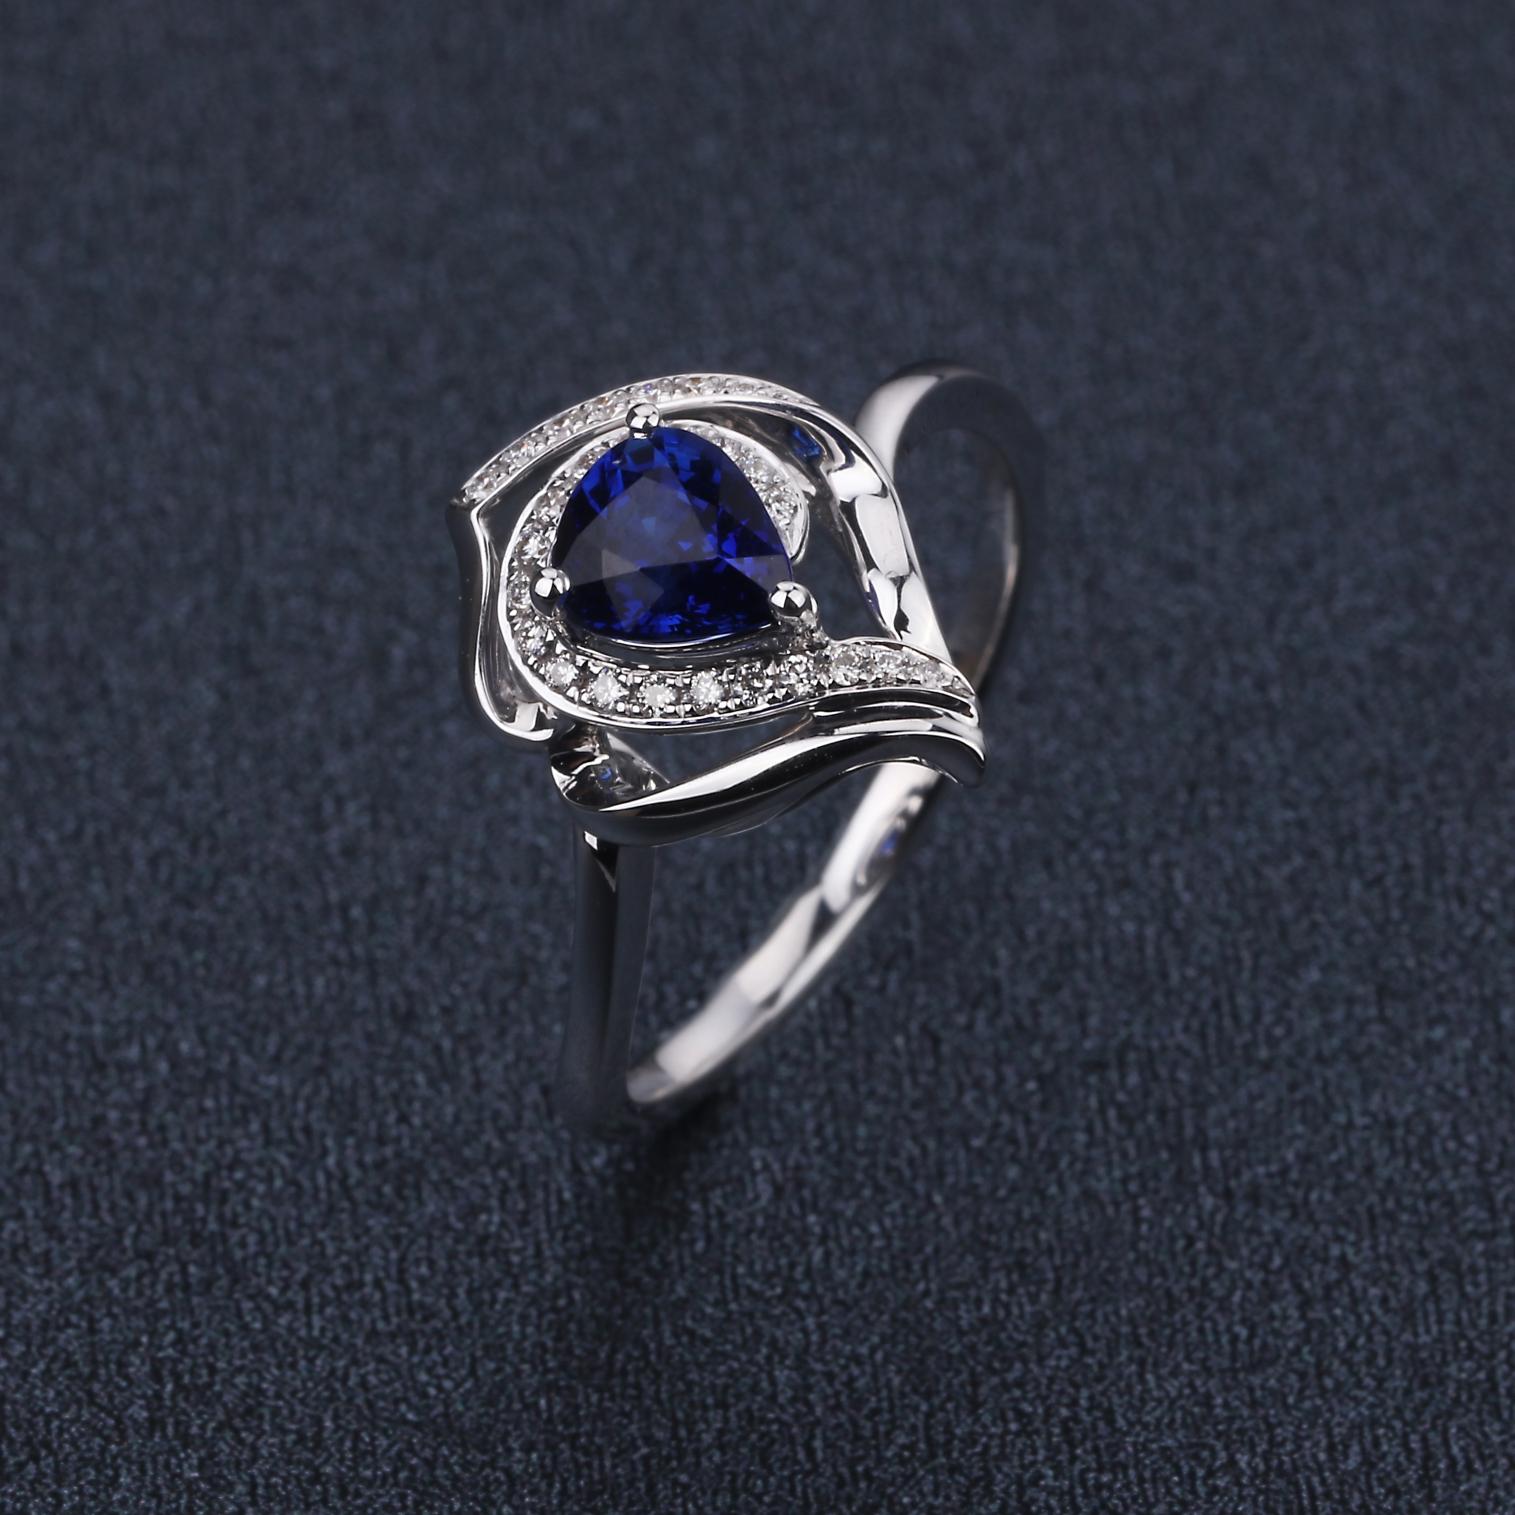 【原价1.12万元】*【戒指】18k金+蓝宝石+钻石